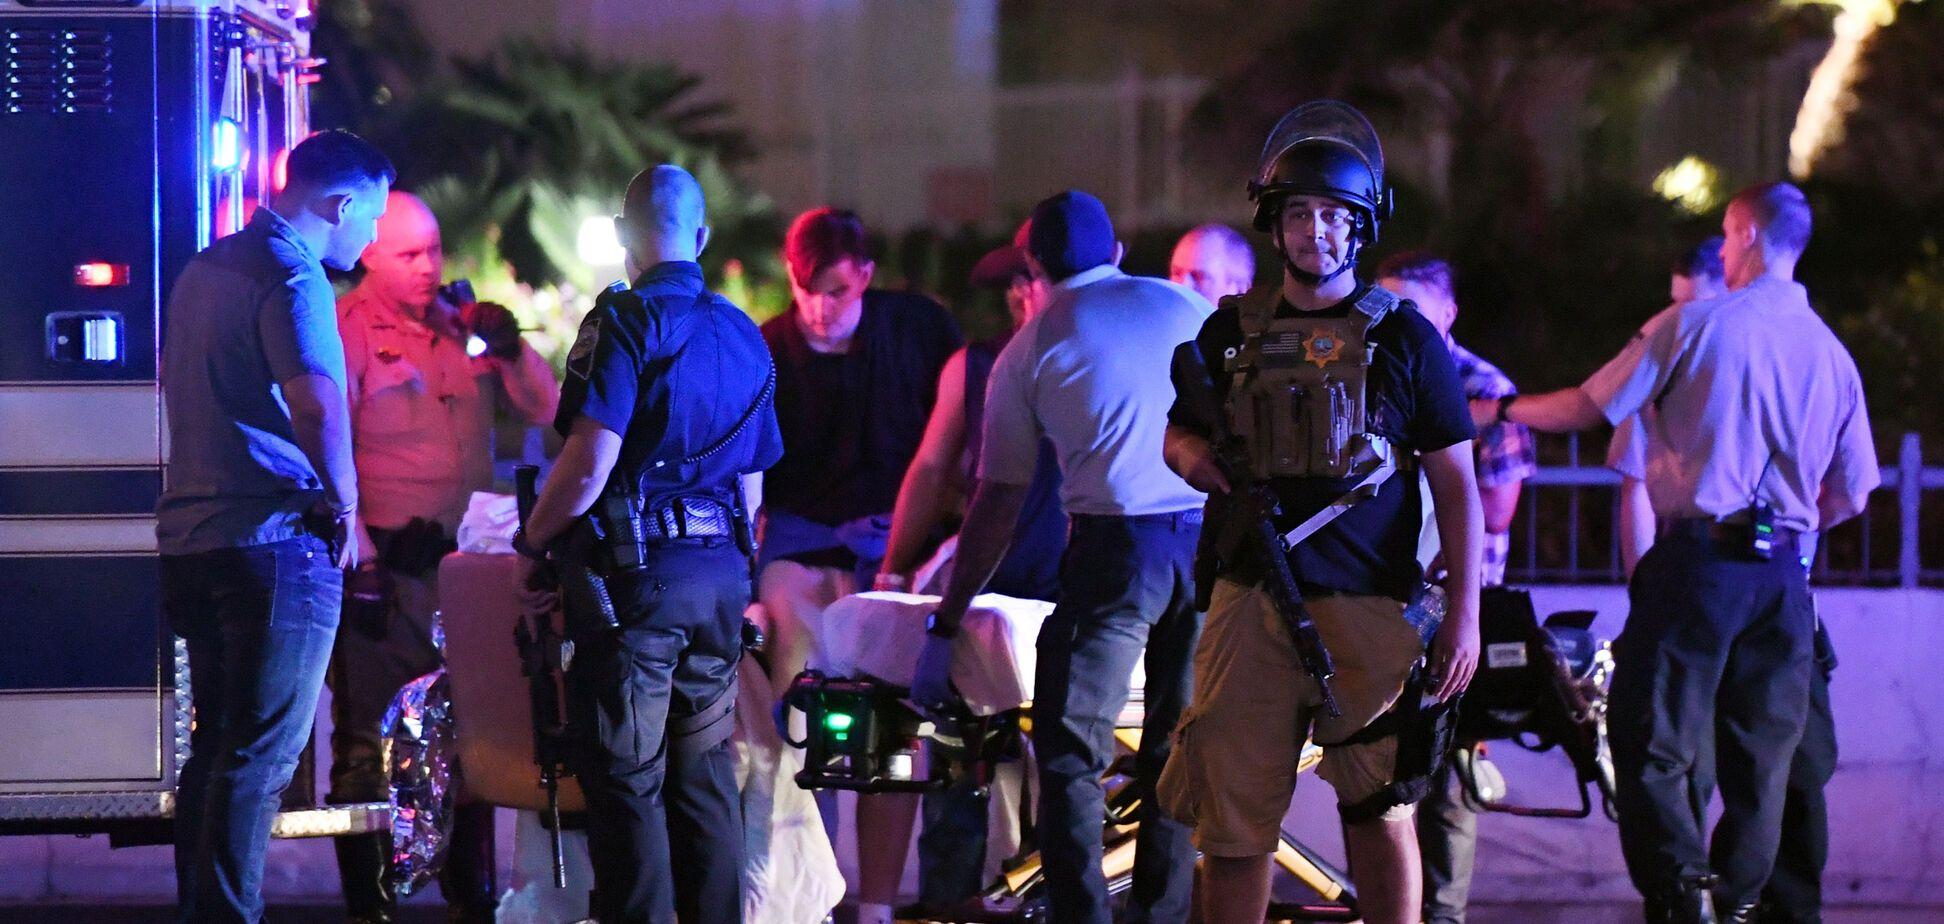 Трагедія в Лас-Вегасі: їдке заяву Пушкова викликало гнів у мережі